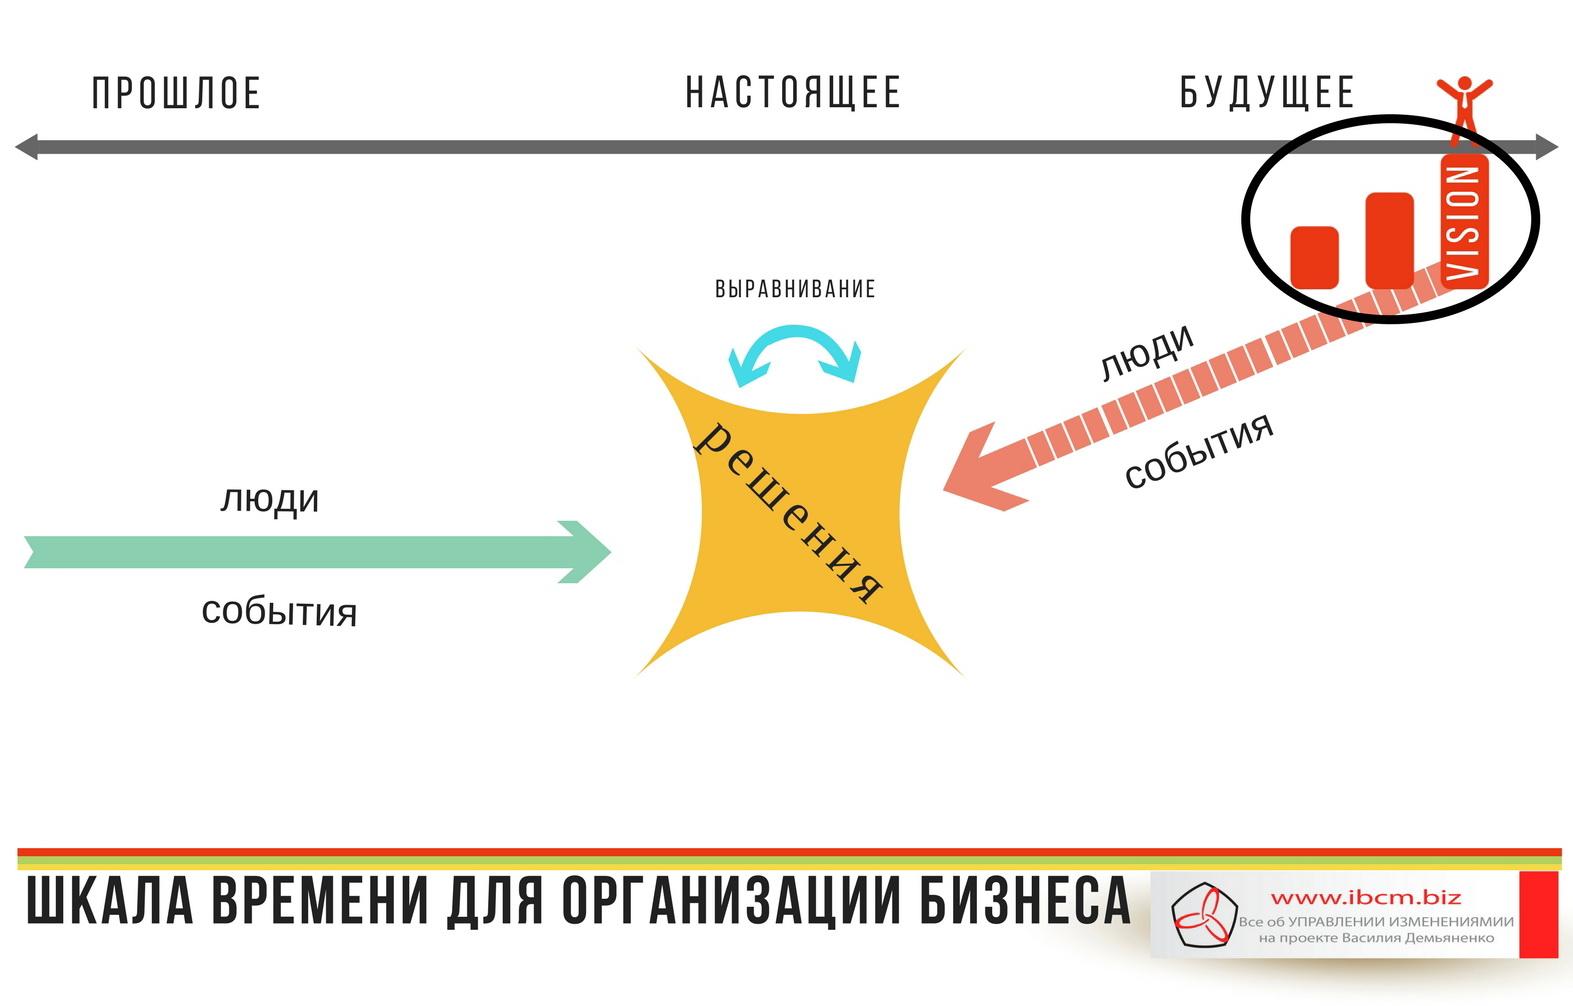 Шкала времени для организации бизнеса